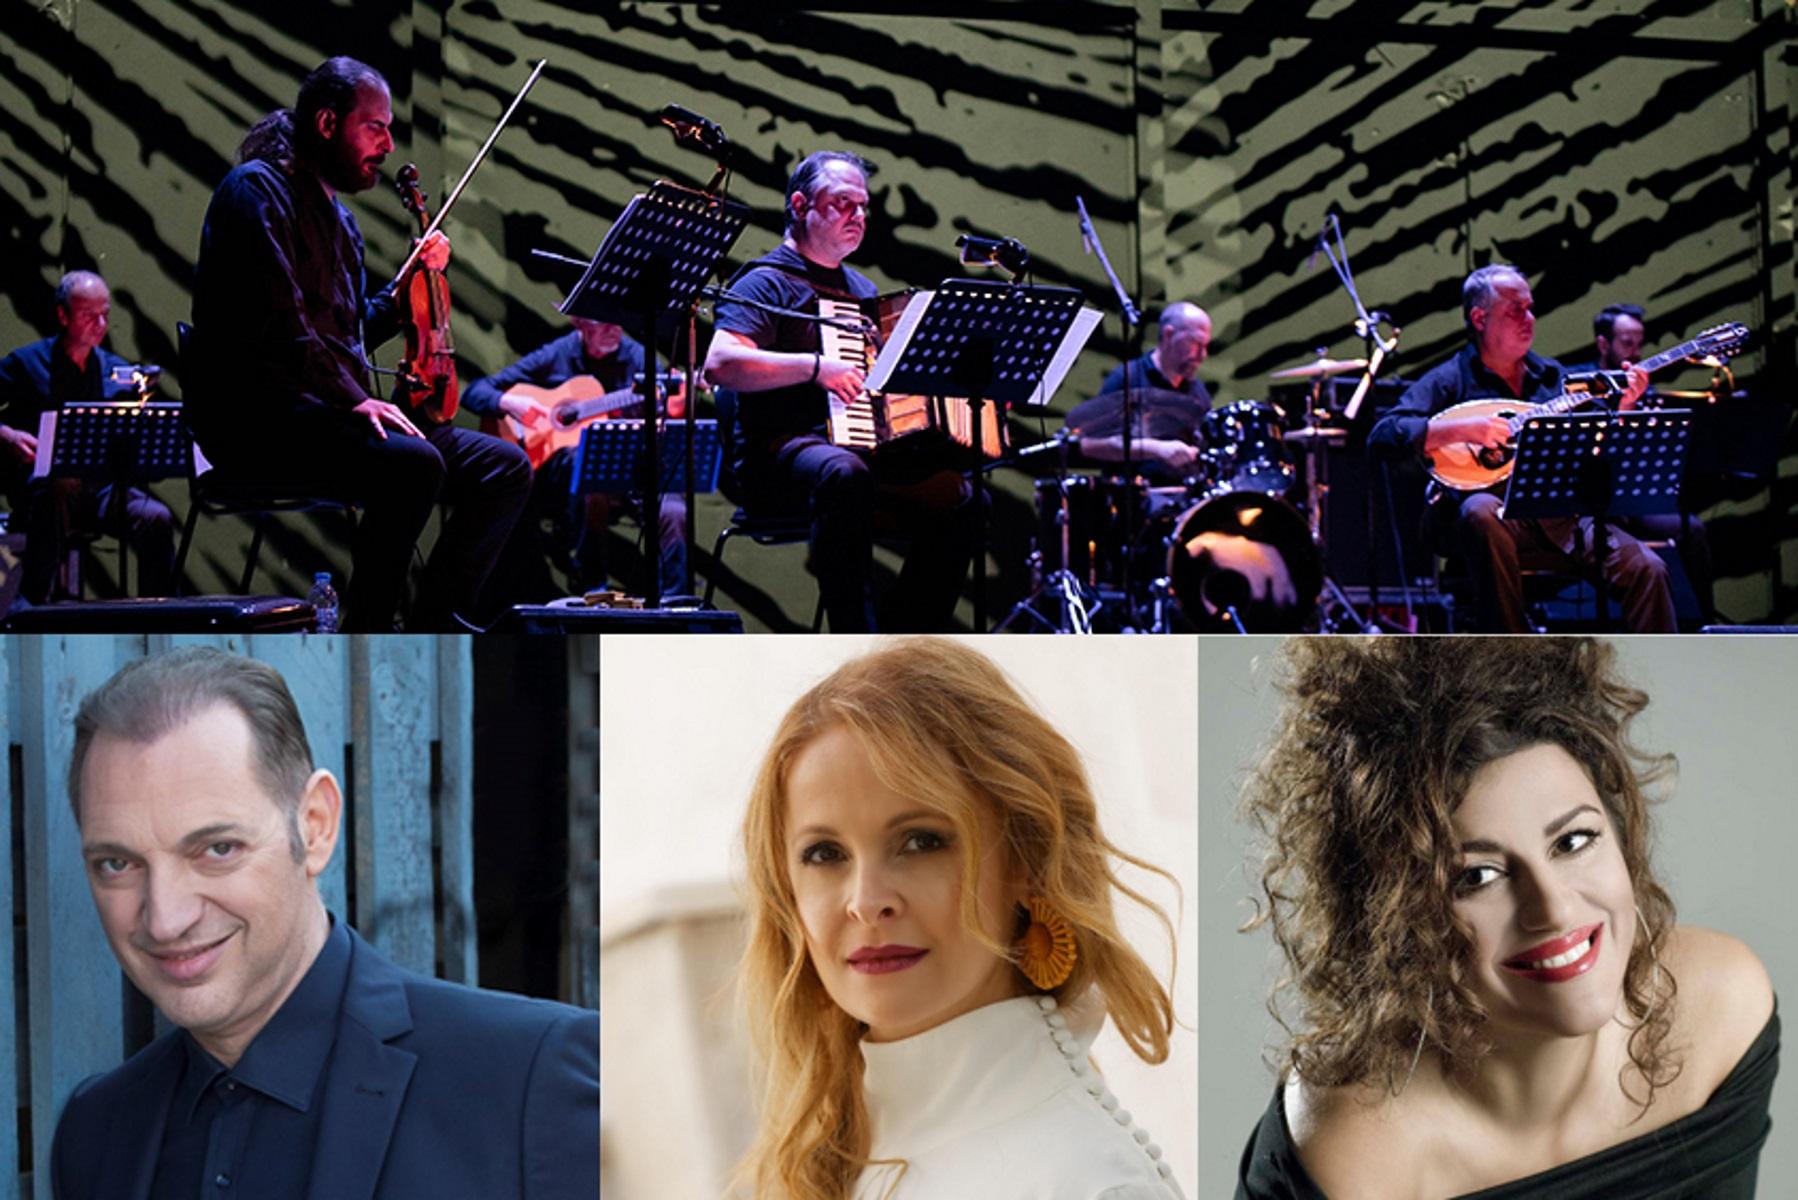 ΟΠΑΝΔΑ: Παραστάσεις και συναυλίες στα θέατρα Κολωνού και Γκράβας